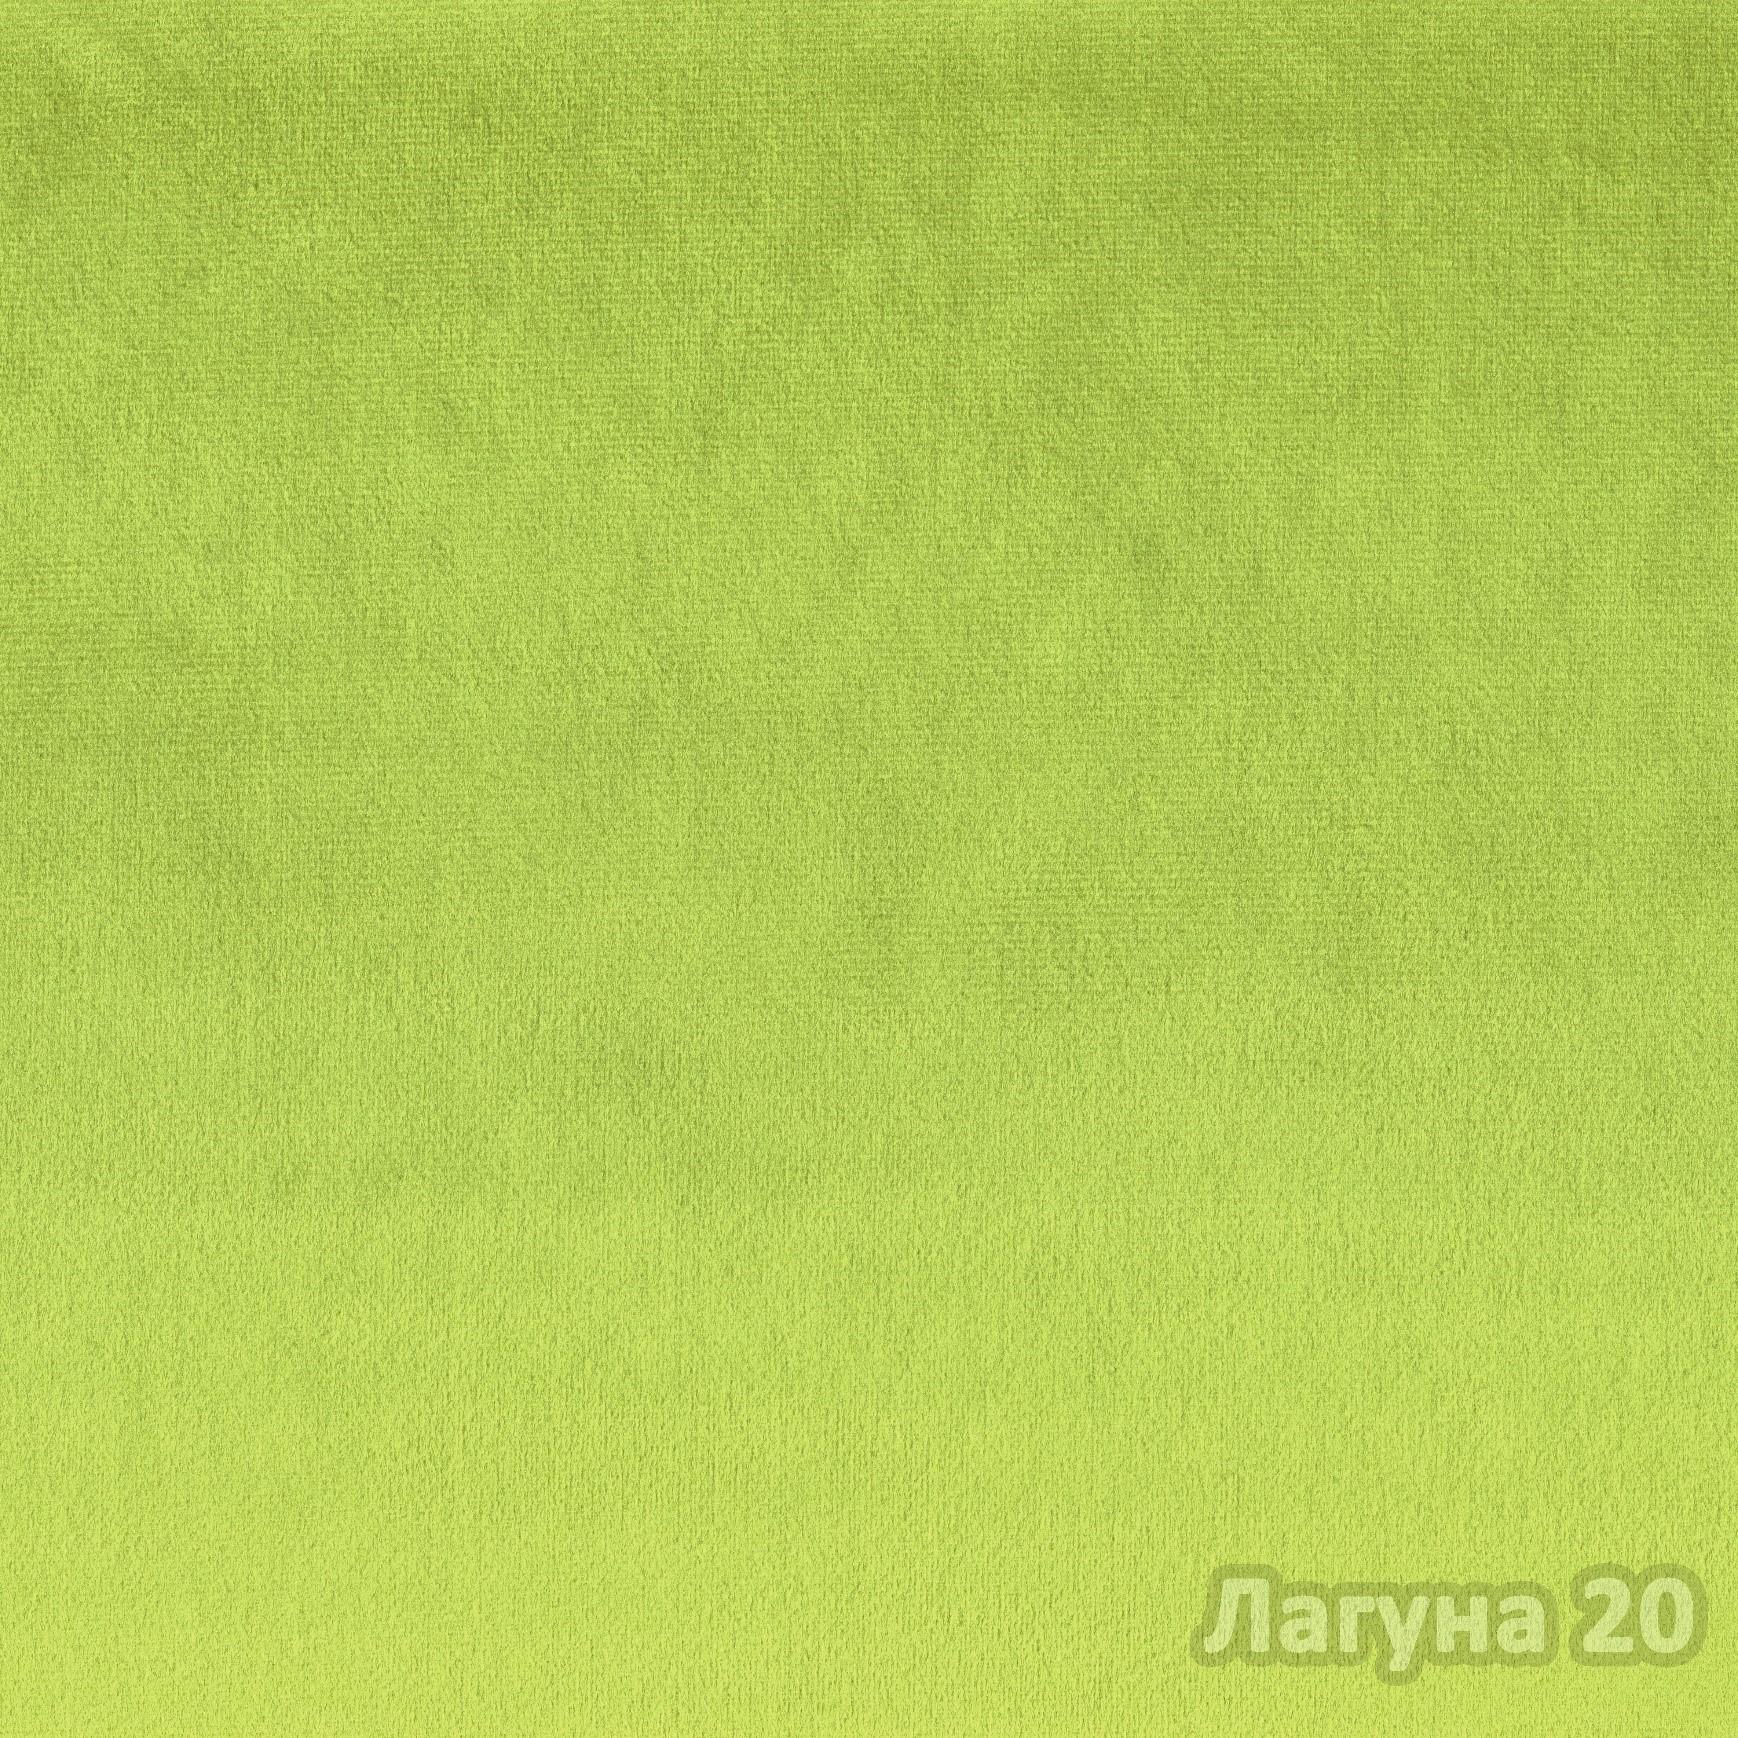 Коллекция ткани Лагуна 20,  купить ткань Велюр для мебели Украина